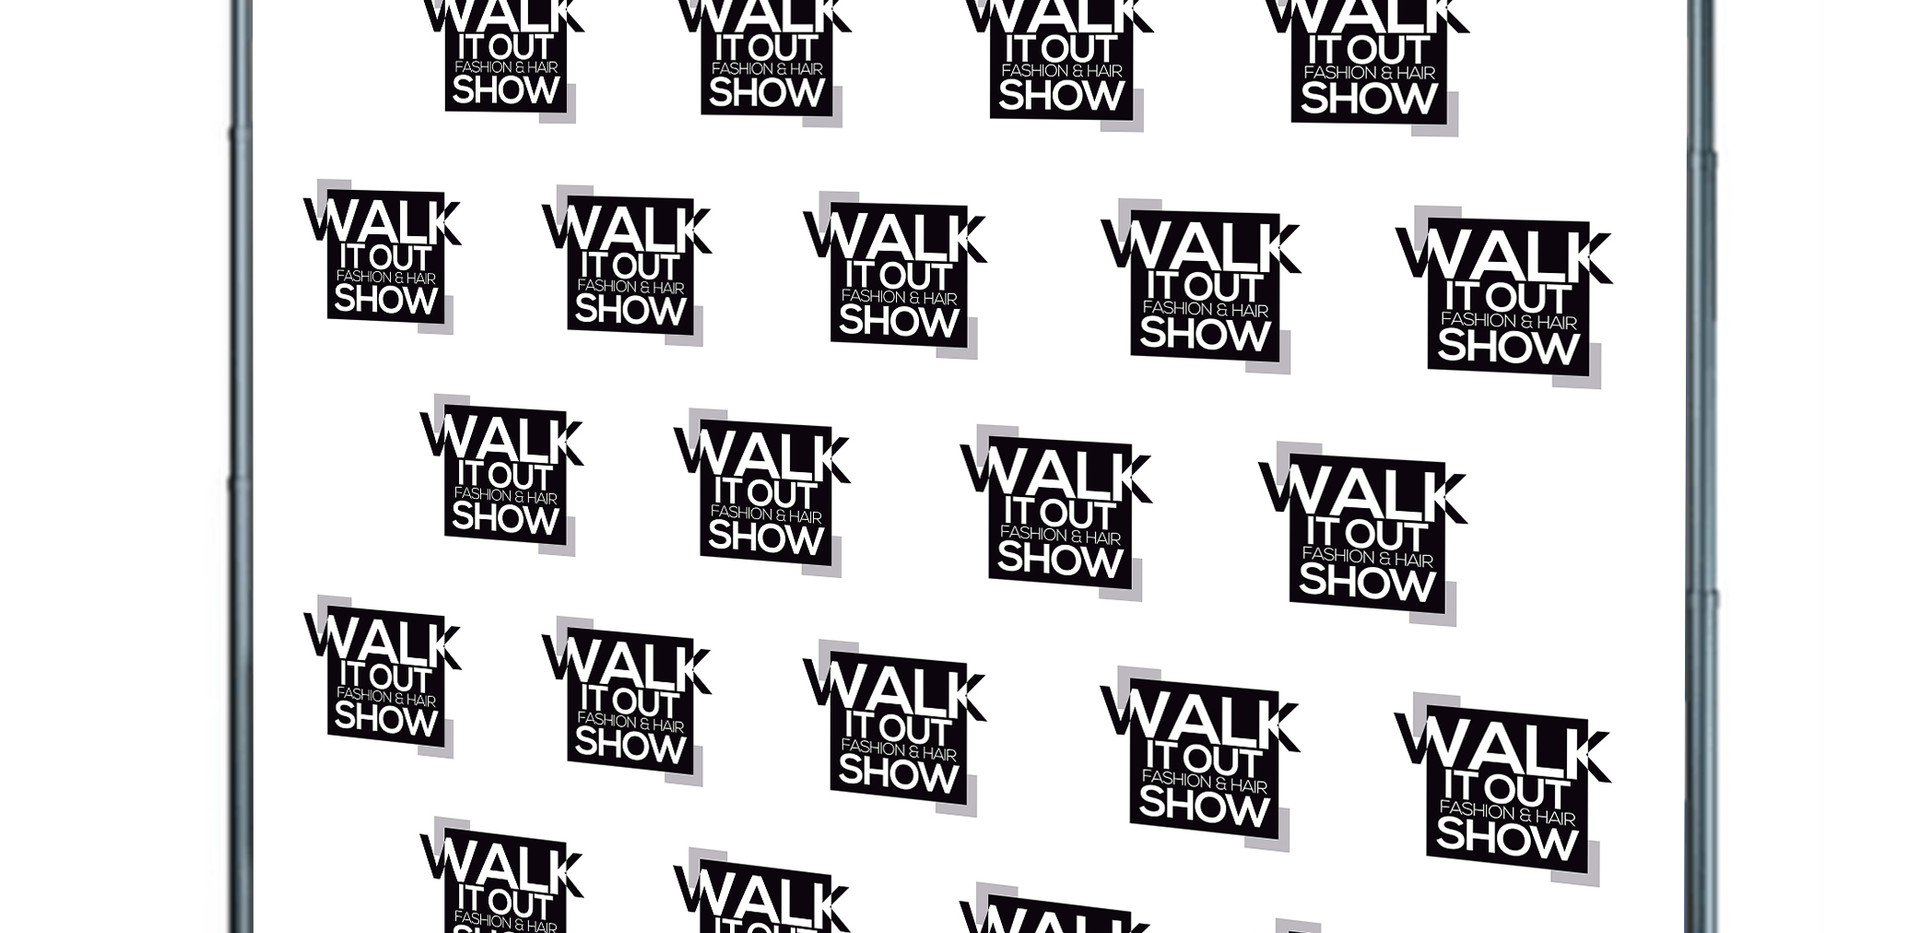 Walk It Out Fashion Show Backdrop   Samp